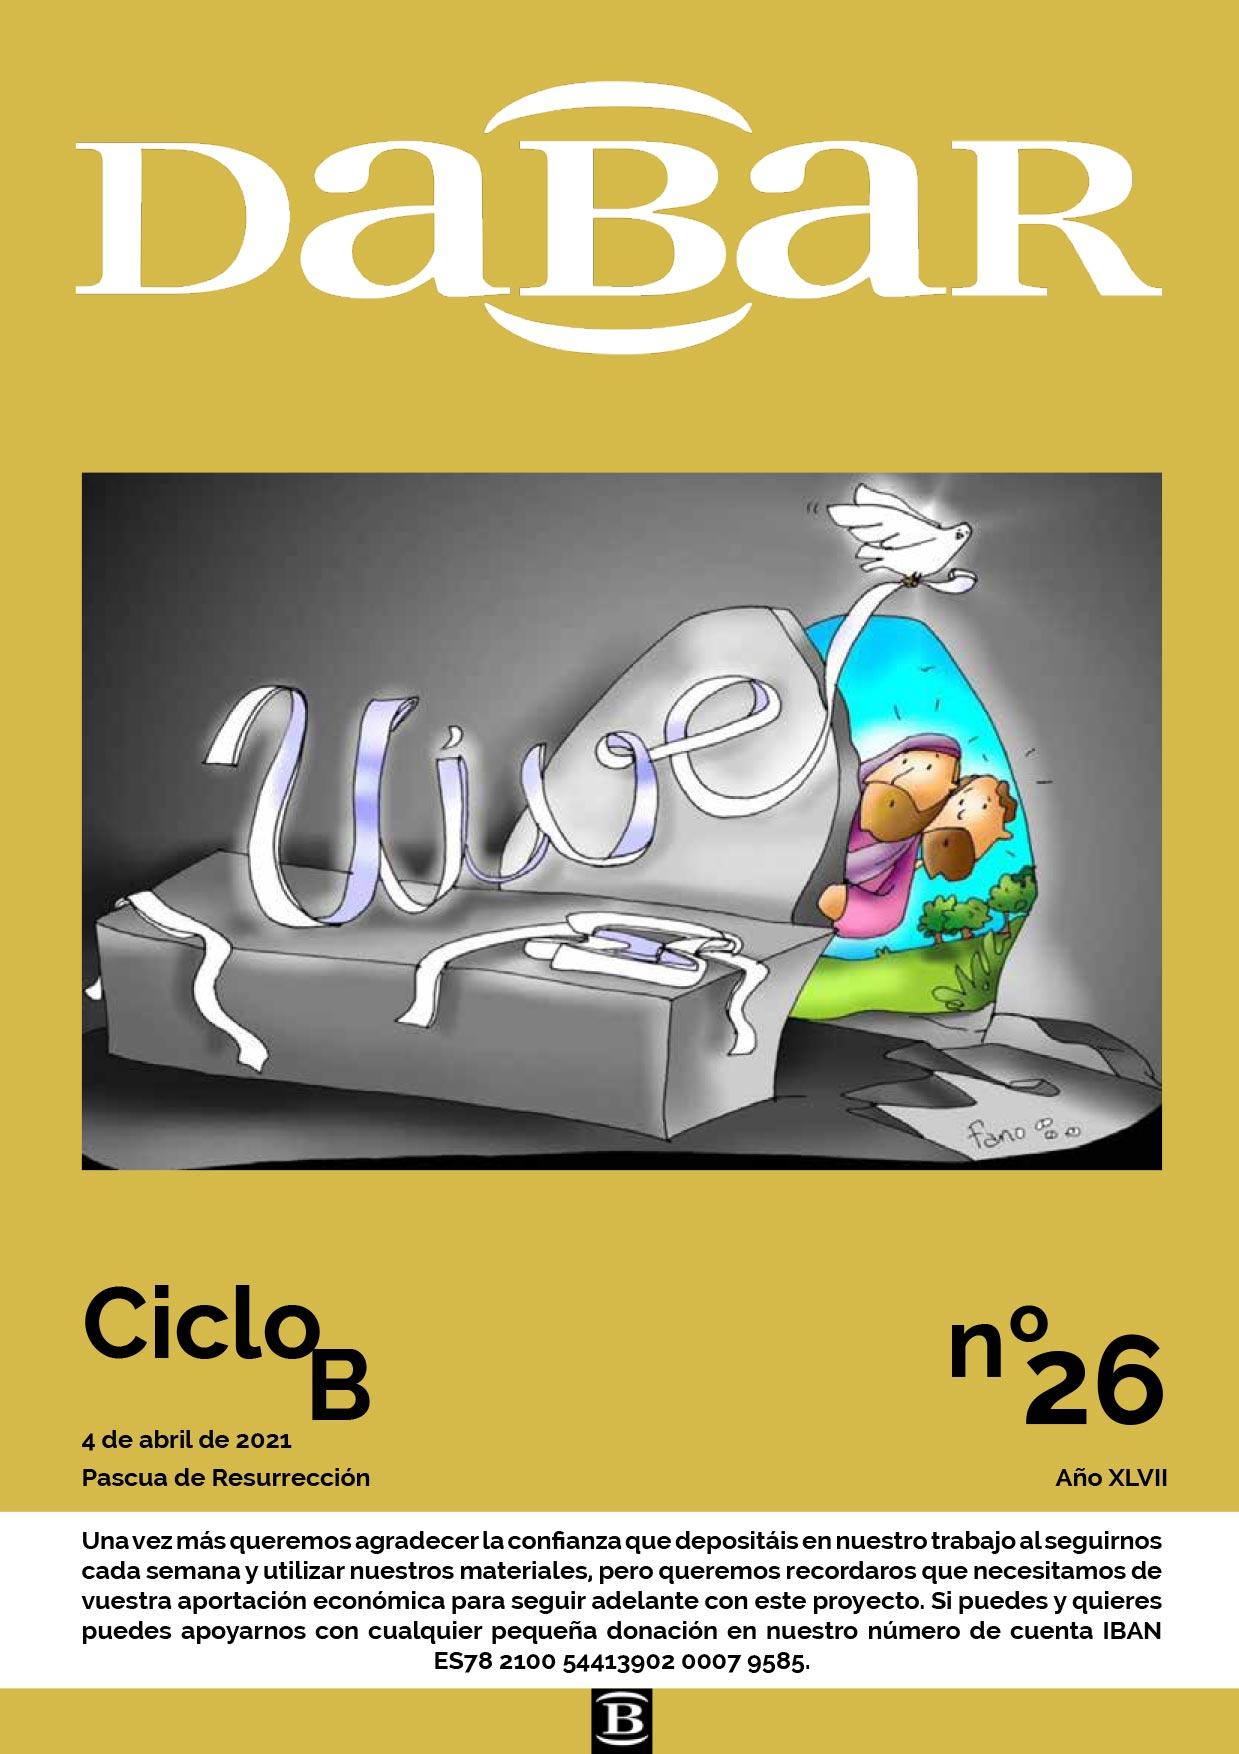 Dabar revista 26 ciclo B